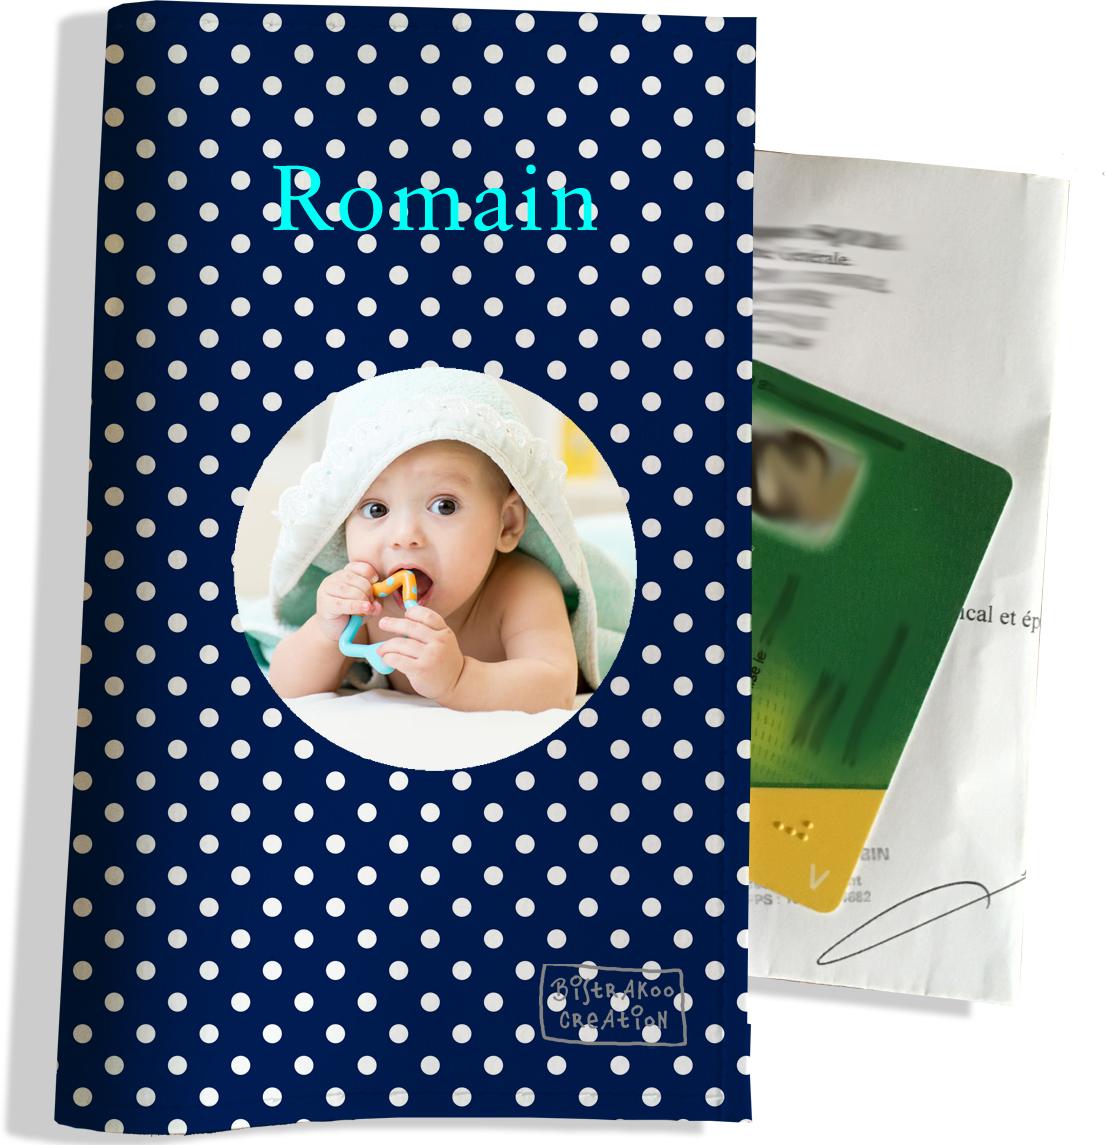 Porte ordonnance personnalisable pour bébé garçon Enfant - photo et texte de votre choix (P2099-2015-photo)